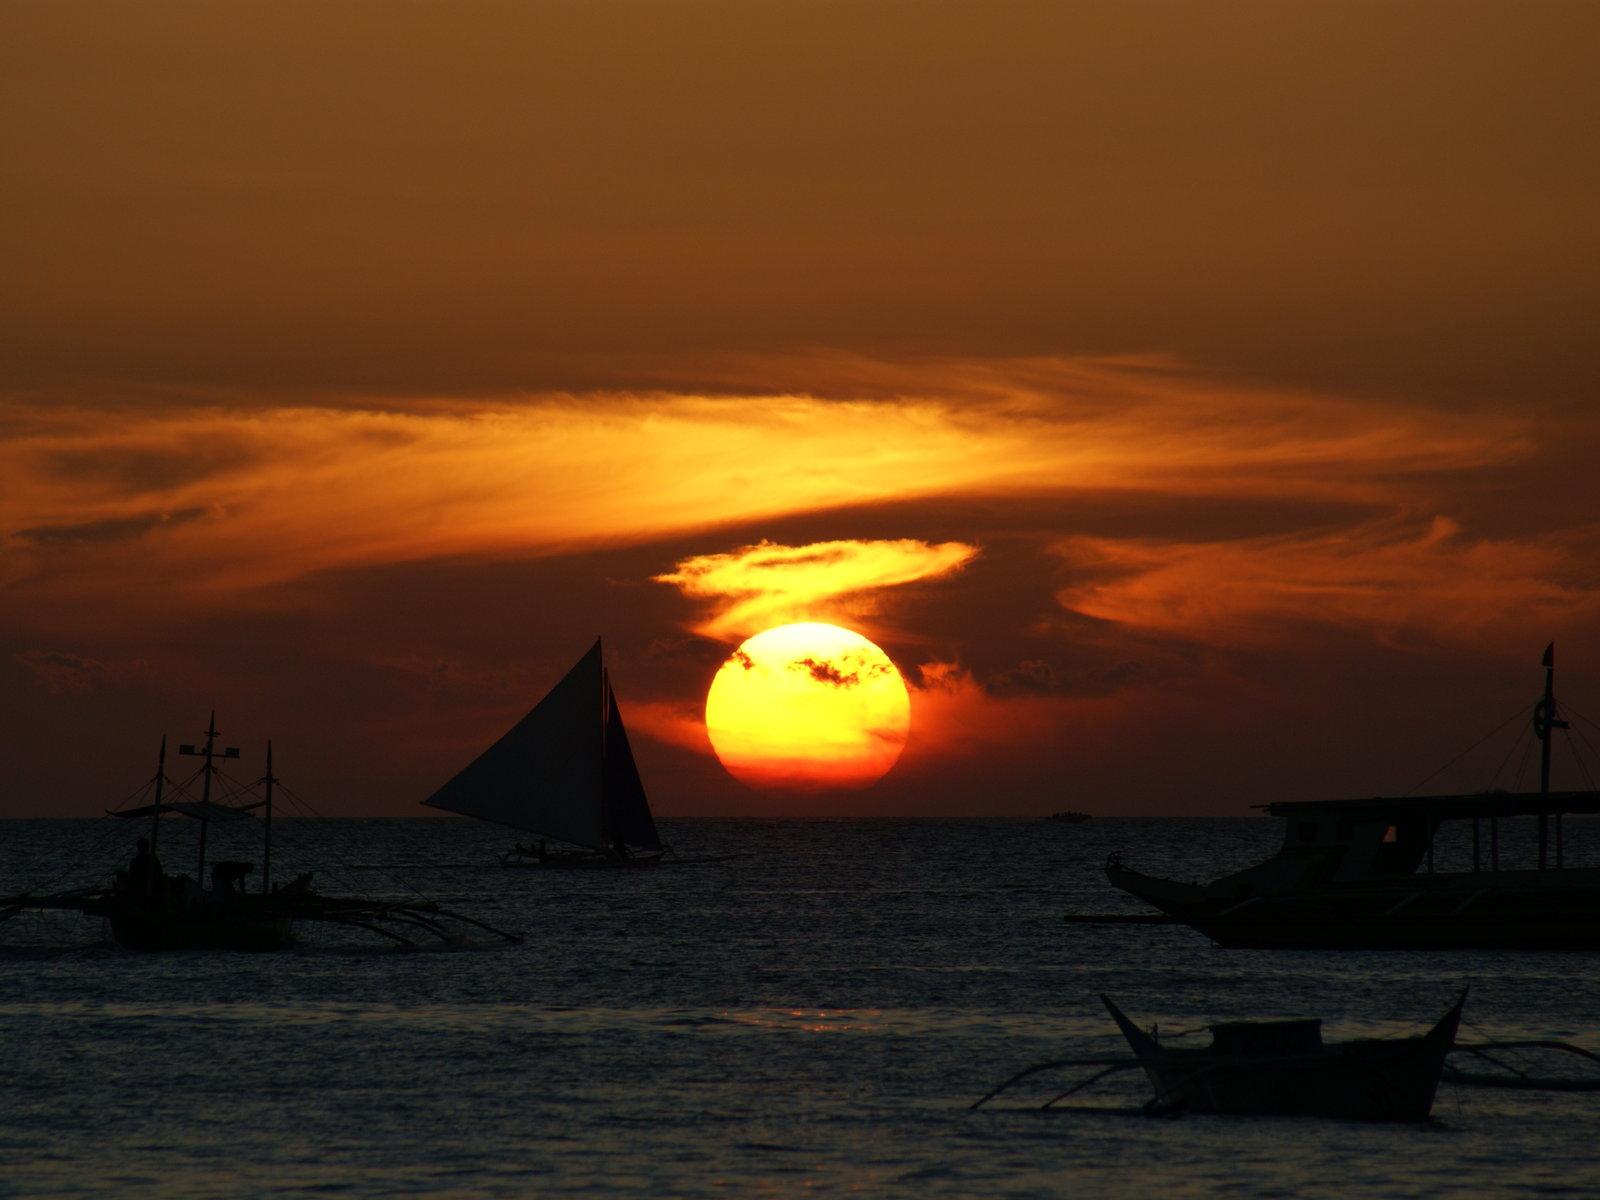 Fotos puesta del sol fondo puesta del sol fotos barcos for Fondo del sol